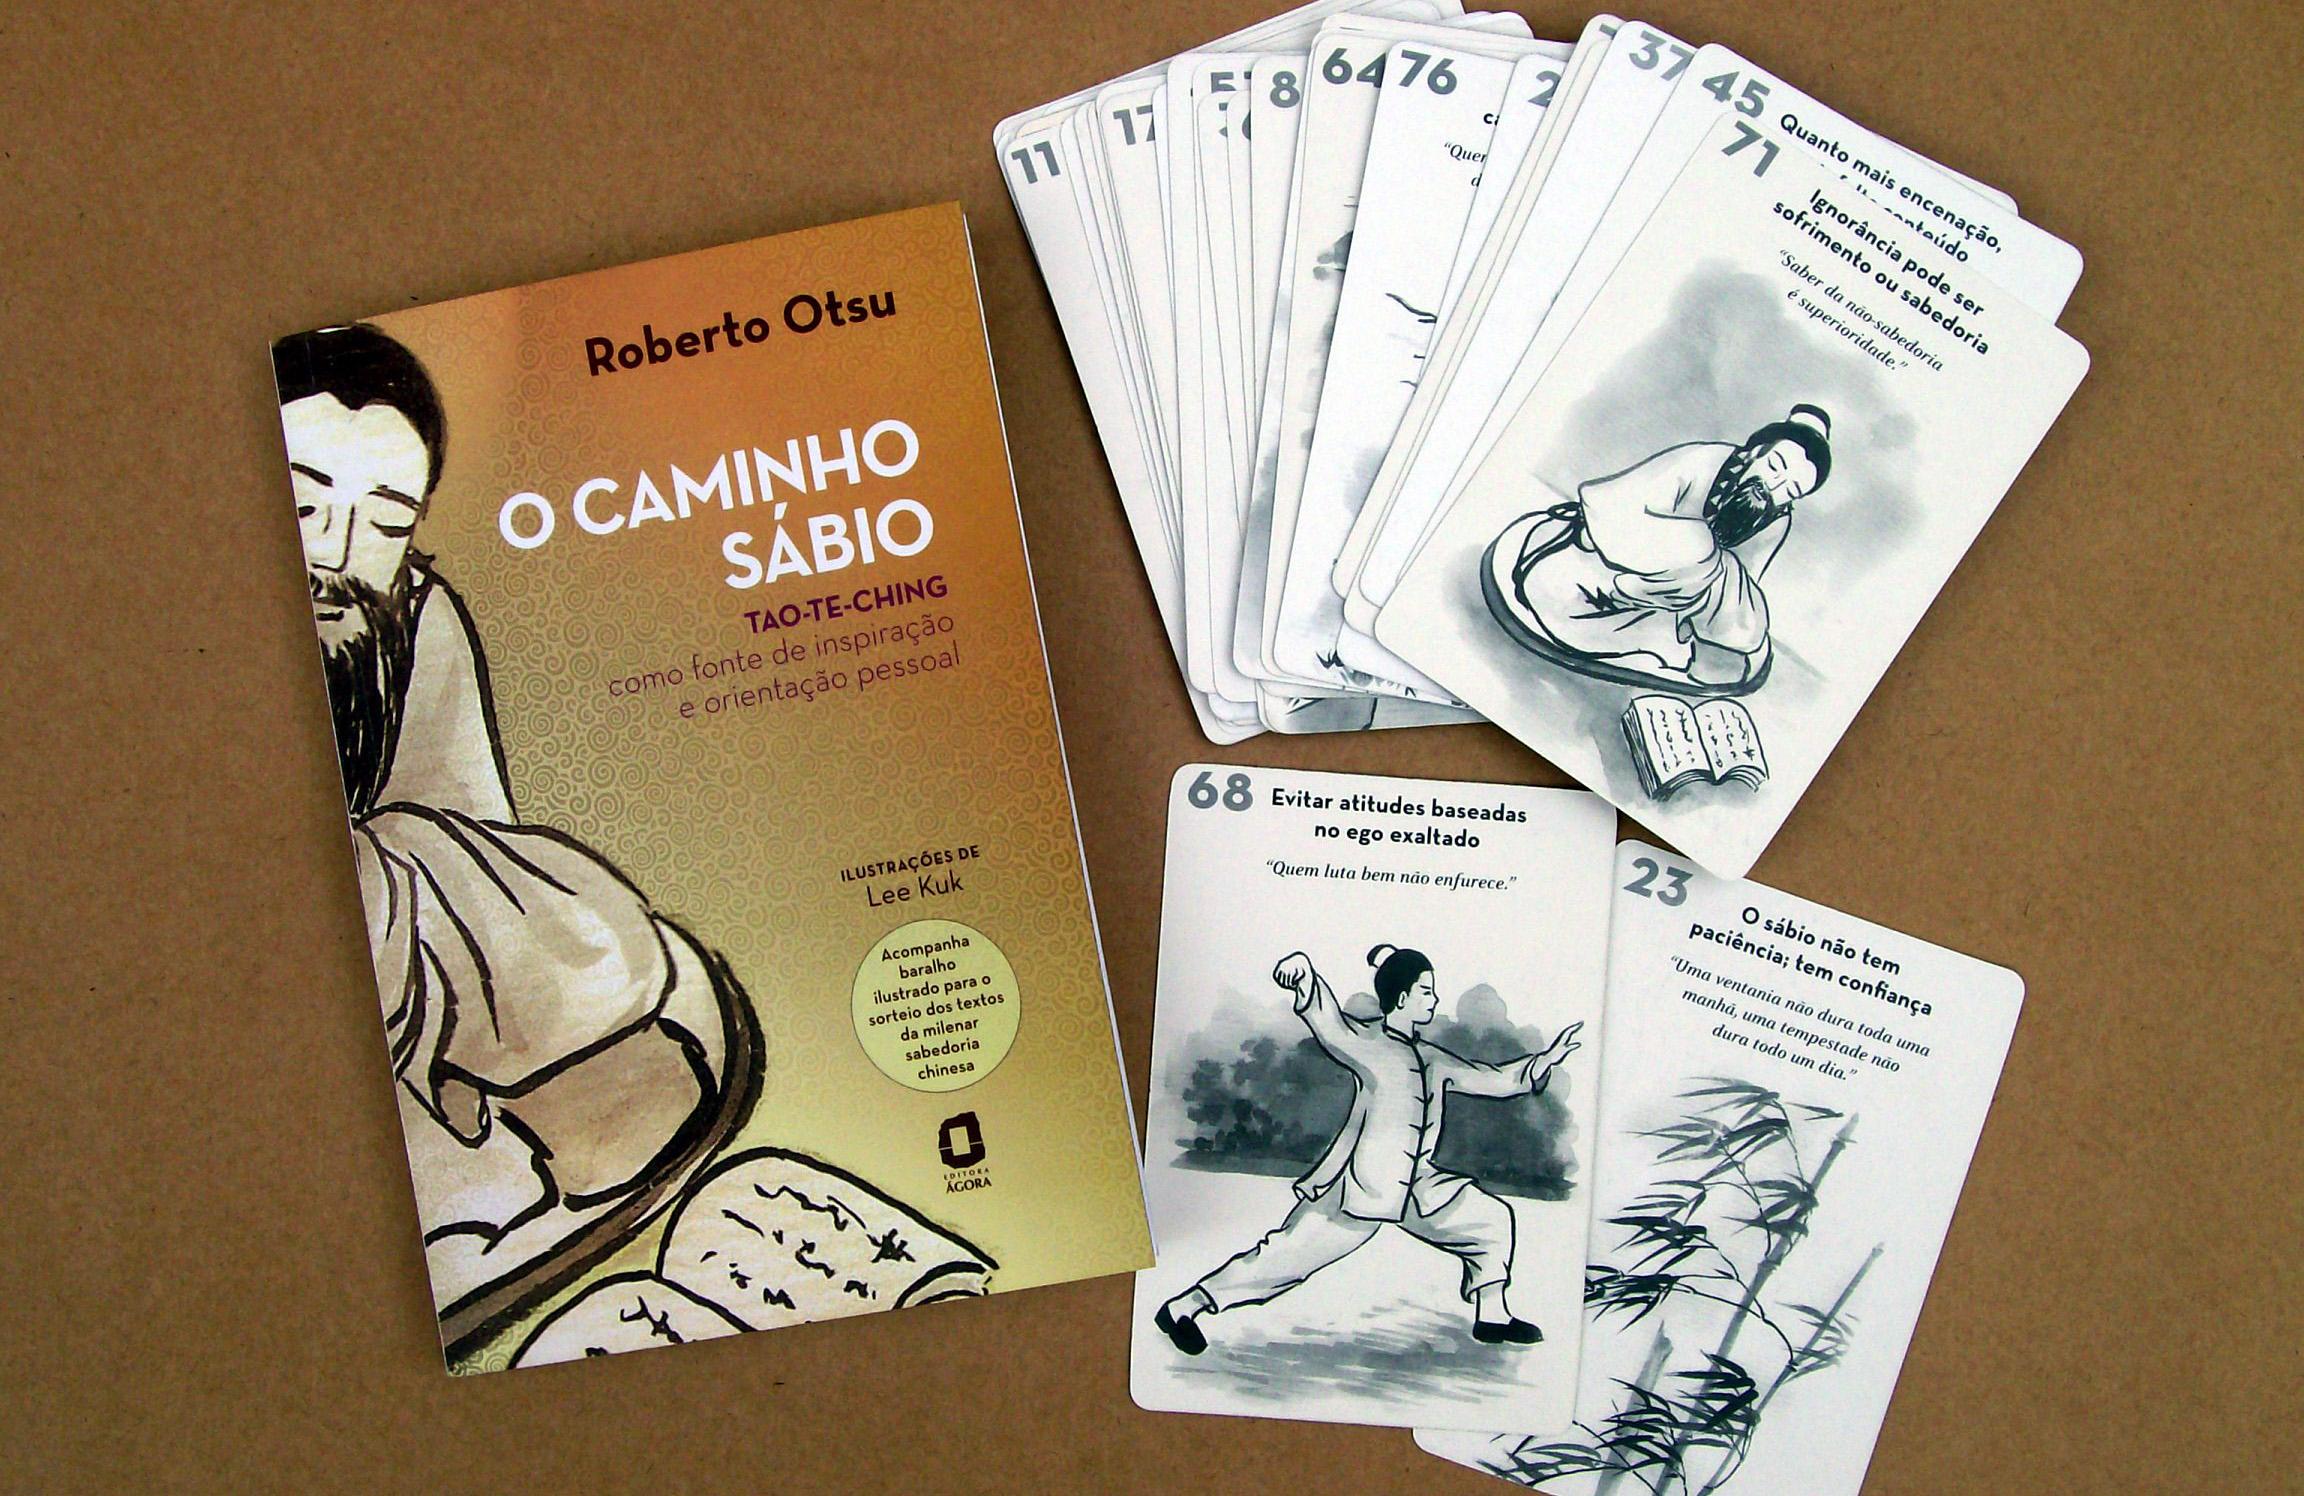 O Caminho Sábio, um dos livros de Roberto Otsu